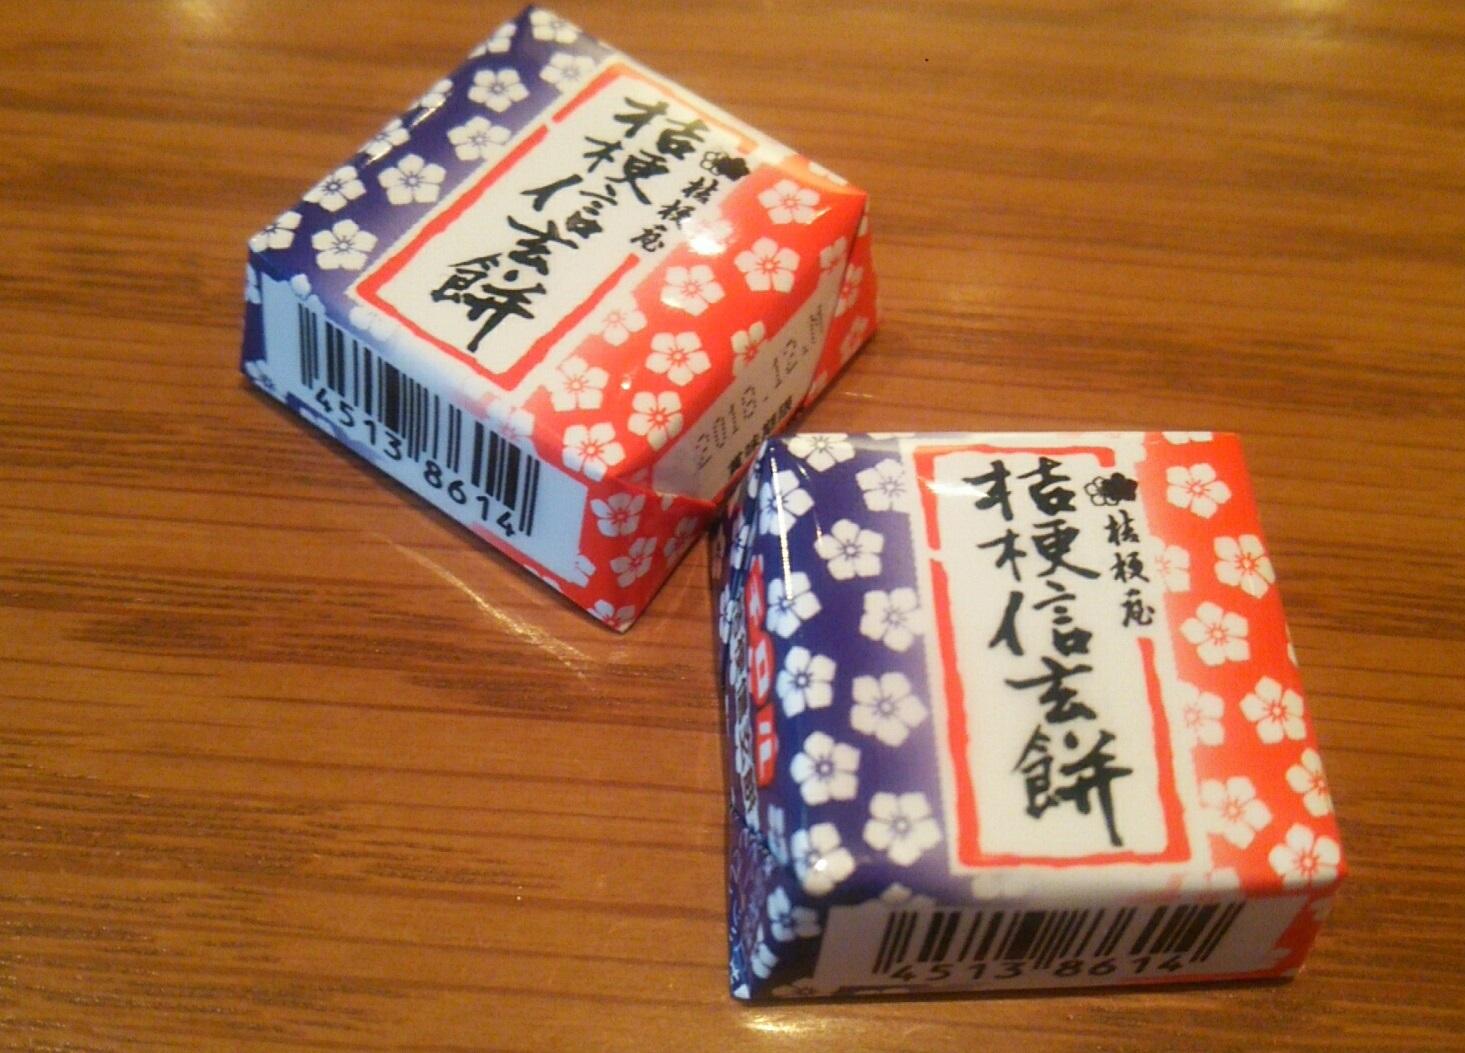 【セブン限定】本日発売!40円で信玄餅をGET?!信玄餅チロルチョコ